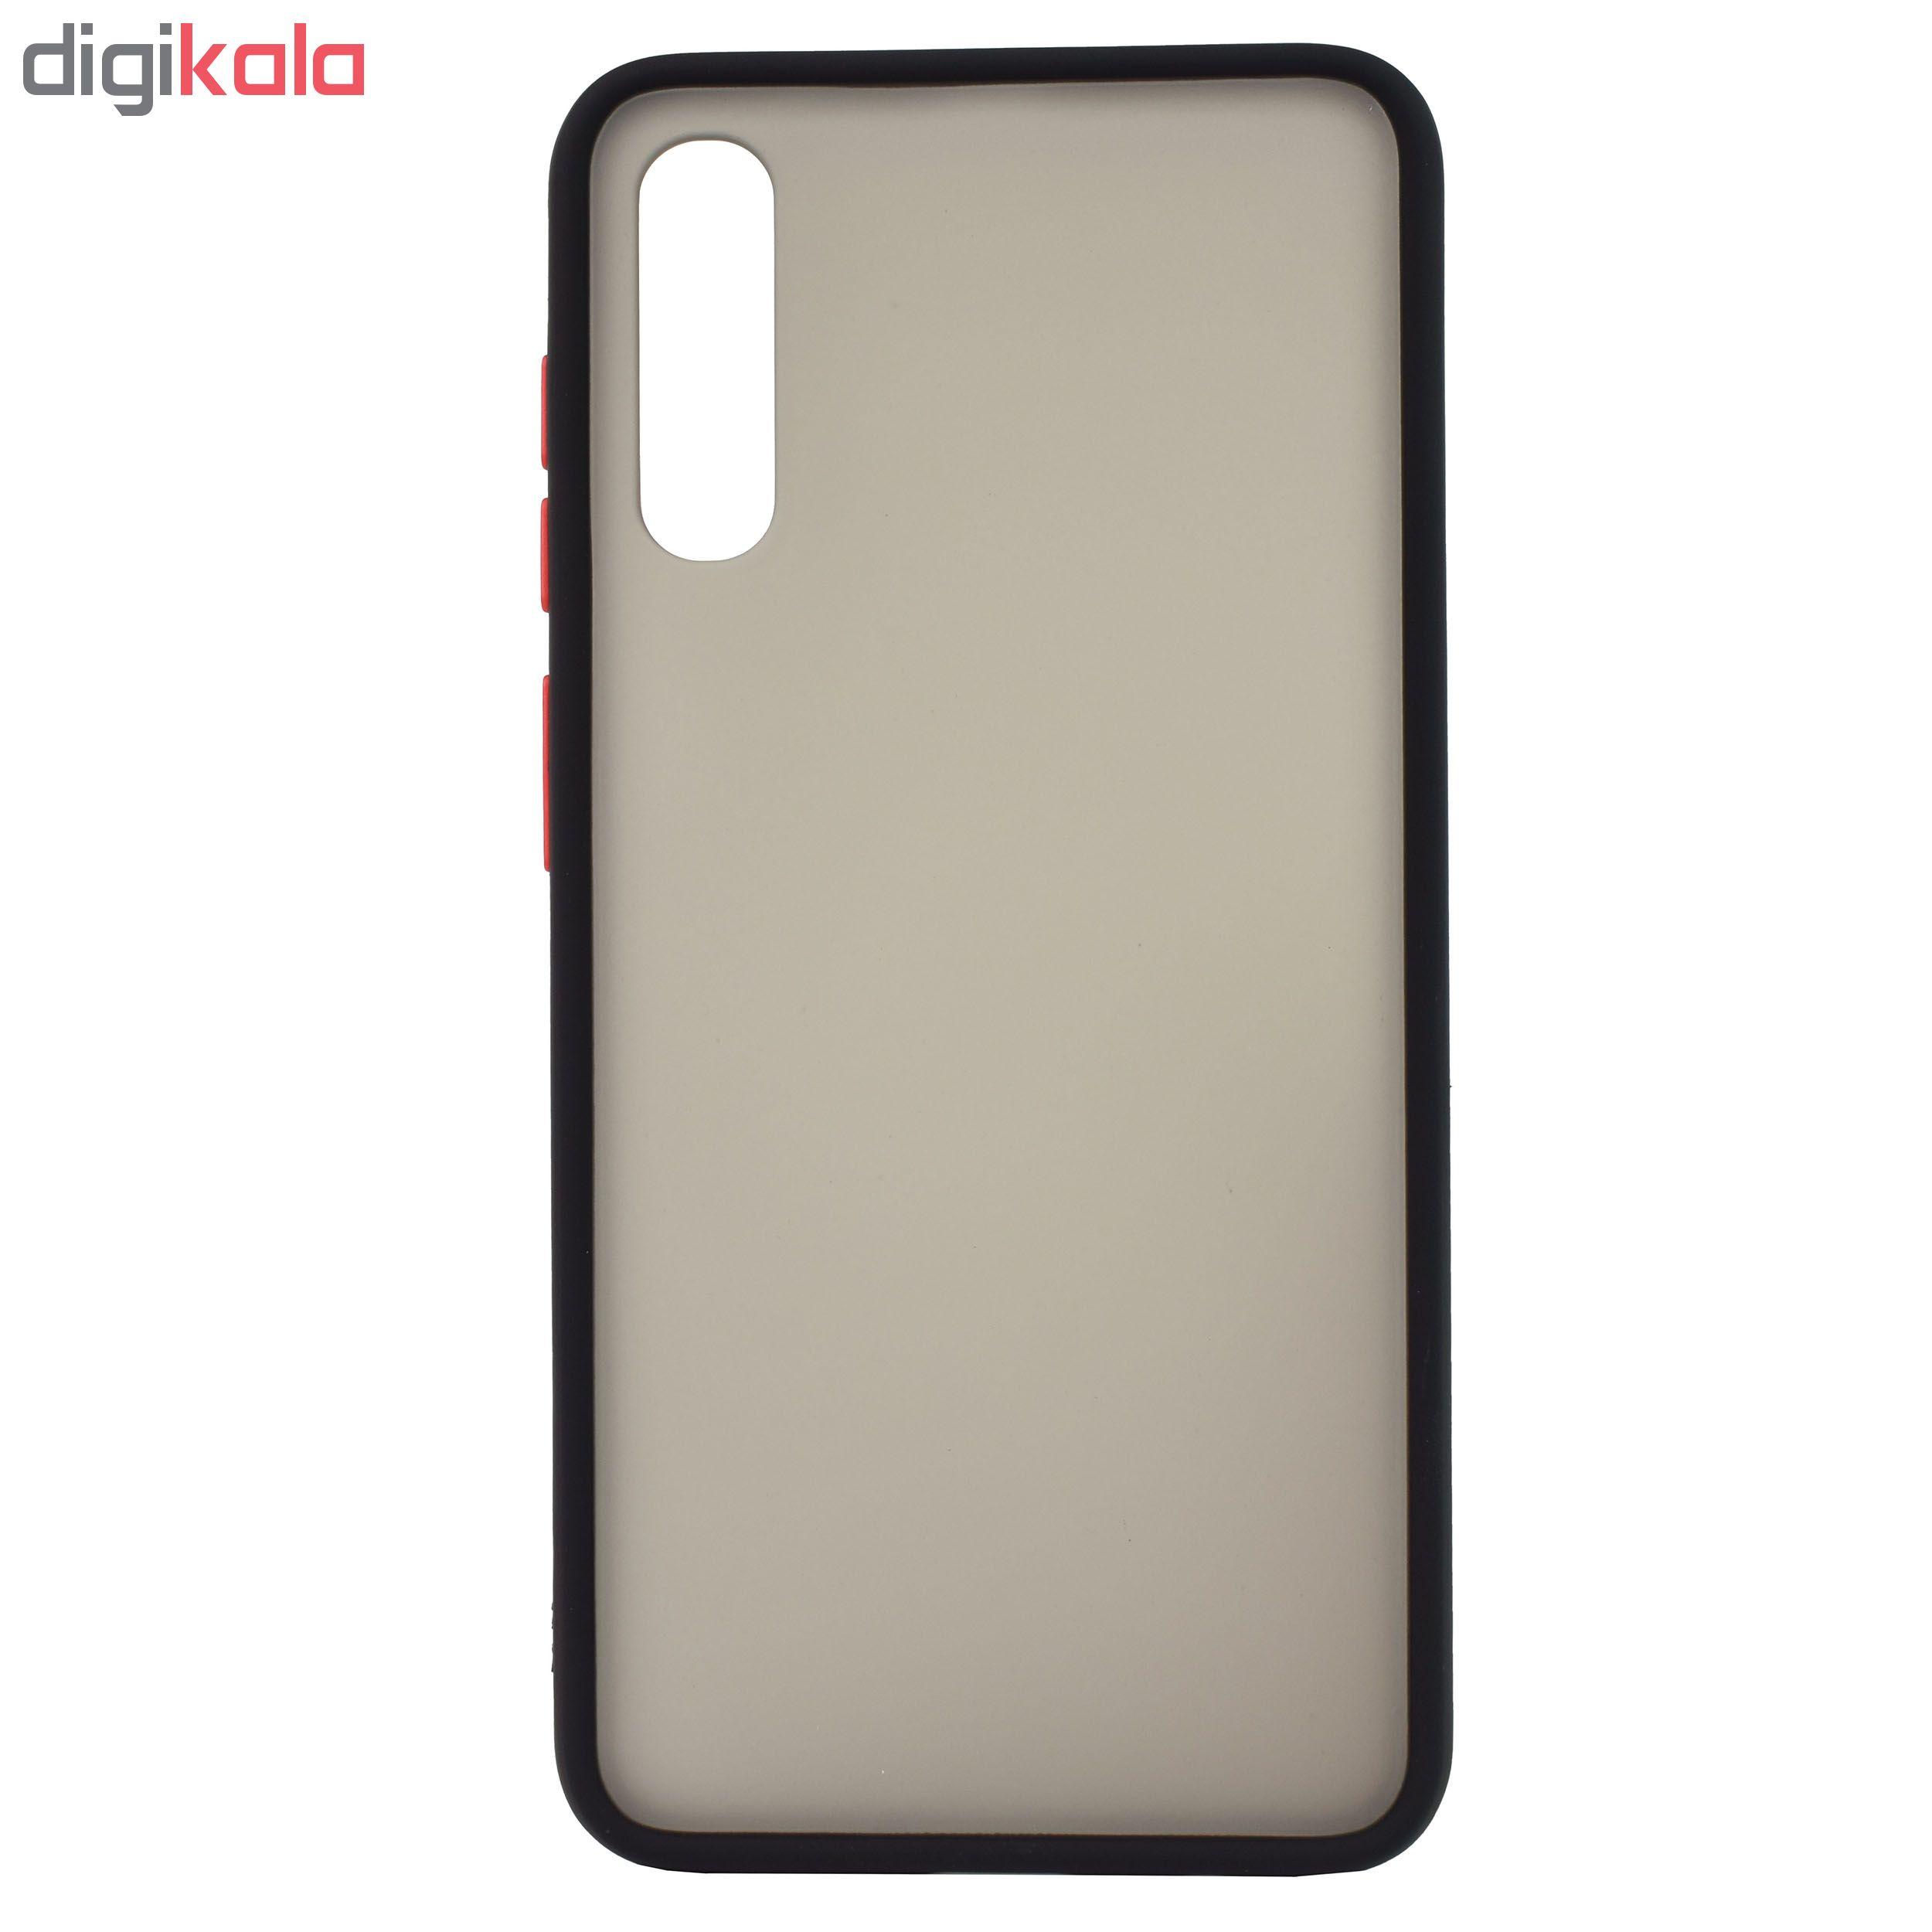 کاور مدل Slico01 مناسب برای گوشی موبایل سامسونگ Galaxy A50 main 1 10